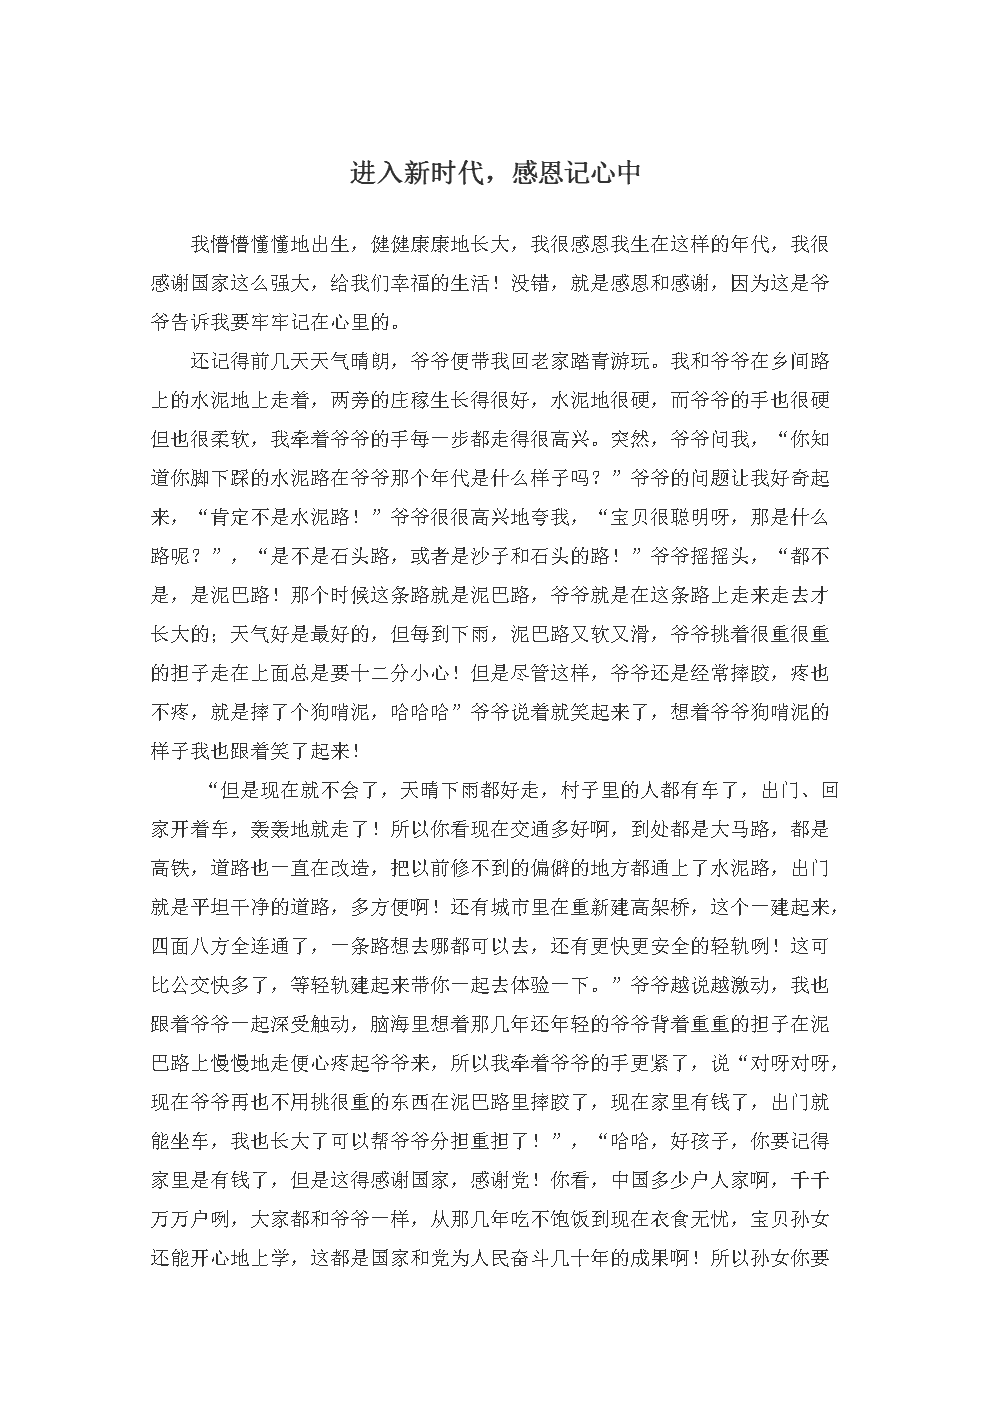 故事稿進入新時代,感恩記心中+1000.docx